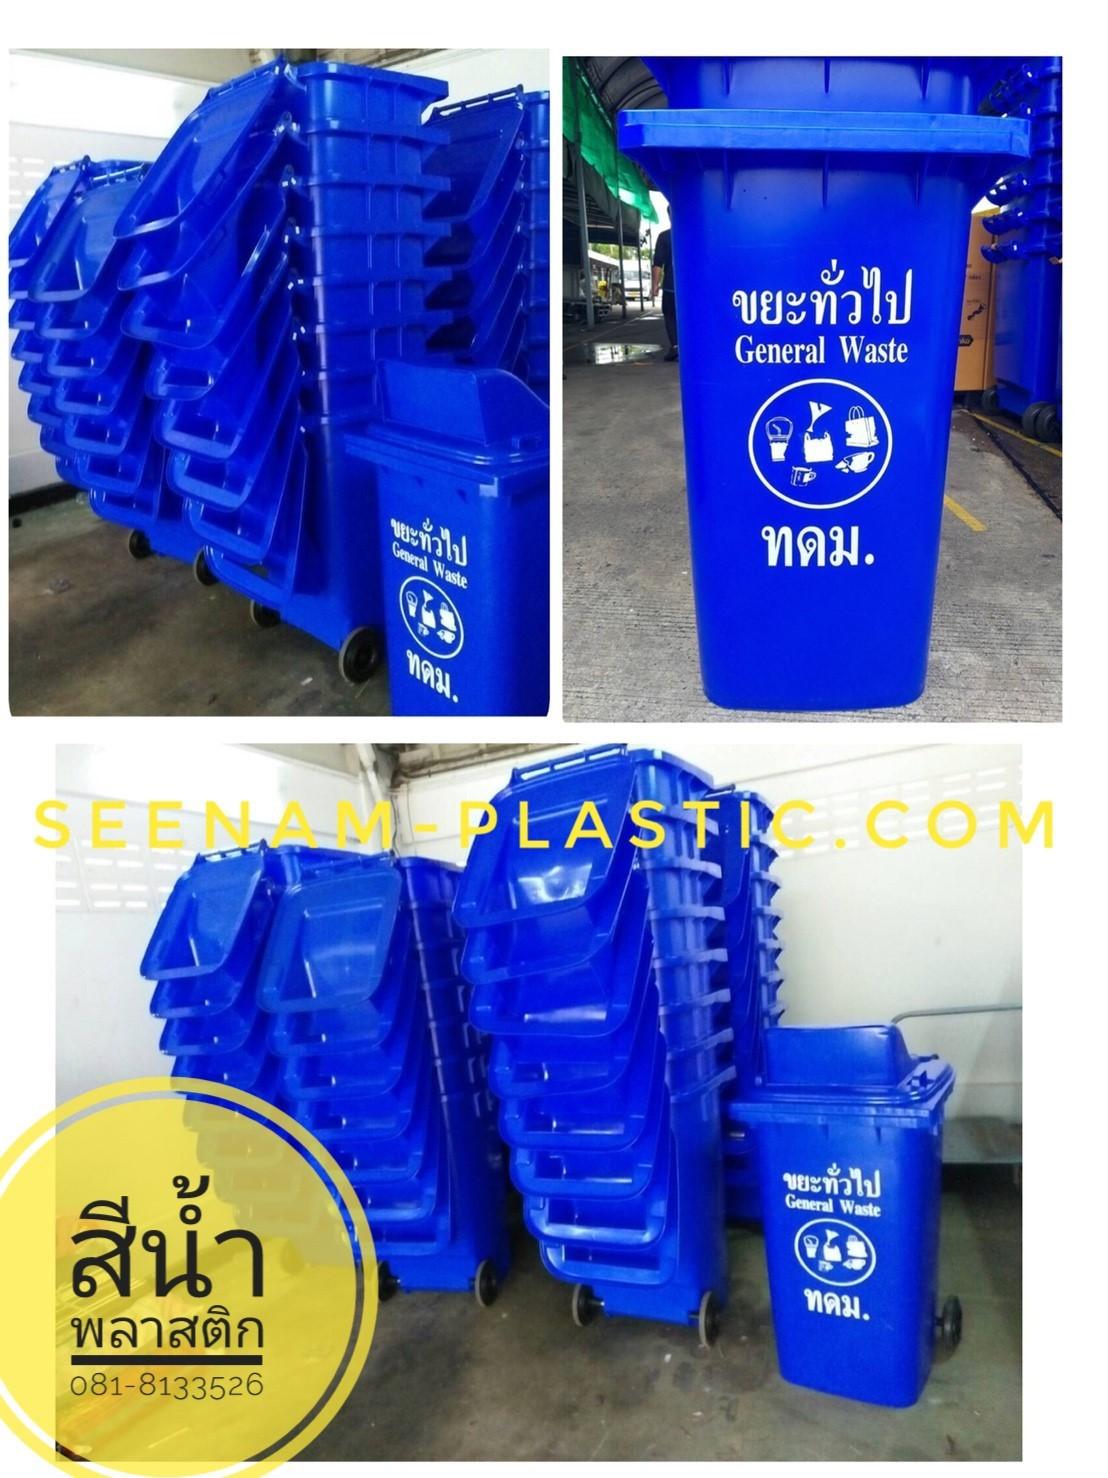 ถังขยะพลาสติก ถังขยะ ถังขยะมีล้อ ถังขยะ60ลิตร ถังขยะ40ลิตร ถังขยะ100ลิตร ถังขยะ120ลิตร ถังขยะ200ลิตร ถังขยะ240ลิตร ขายส่งถังขยะพลาสติก ถังขยะอบต ถังขยะเทศบาล